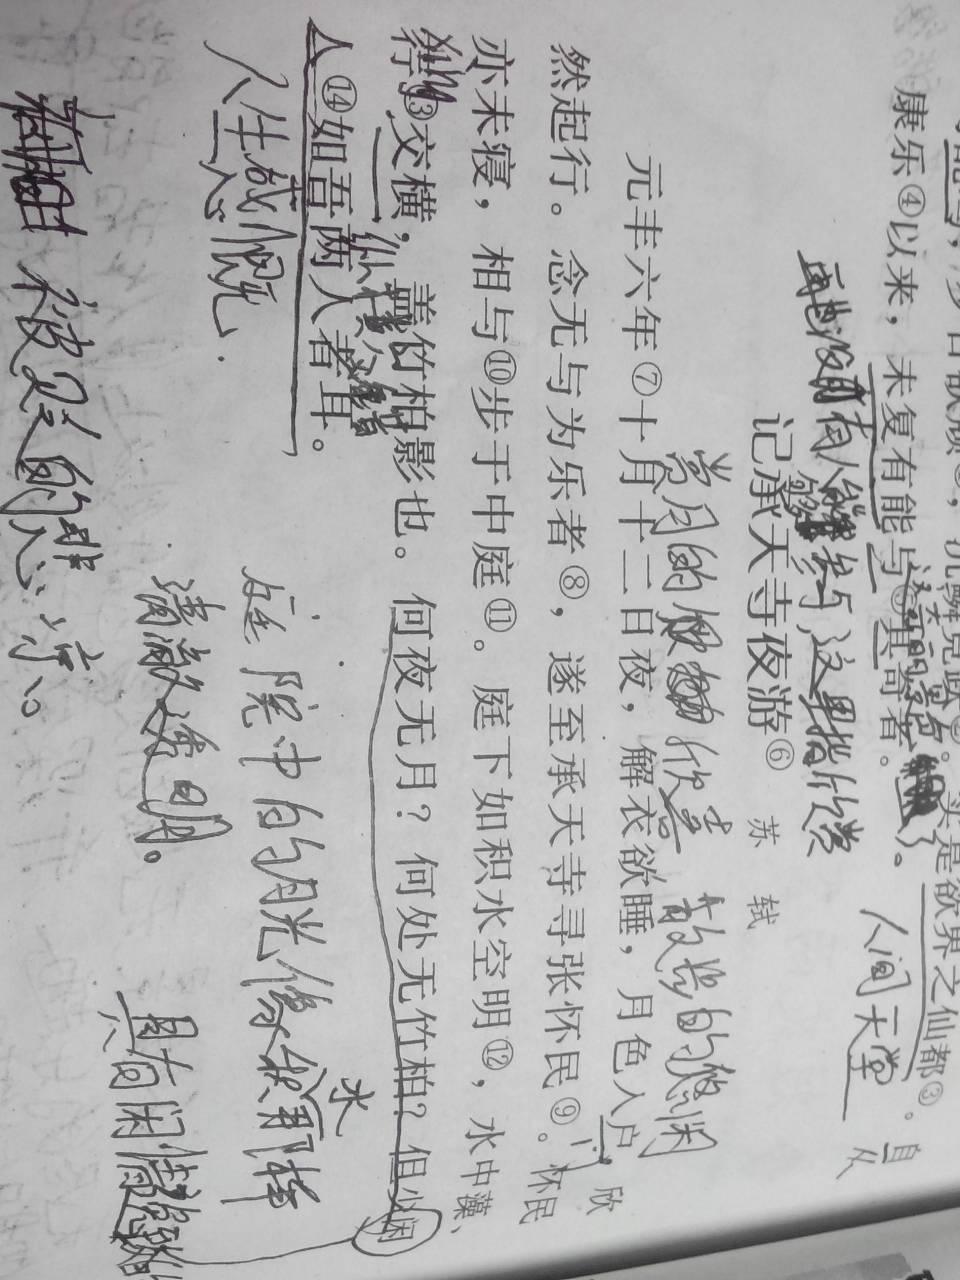 仆初入庐山的文言翻译 仆初入庐山翻译